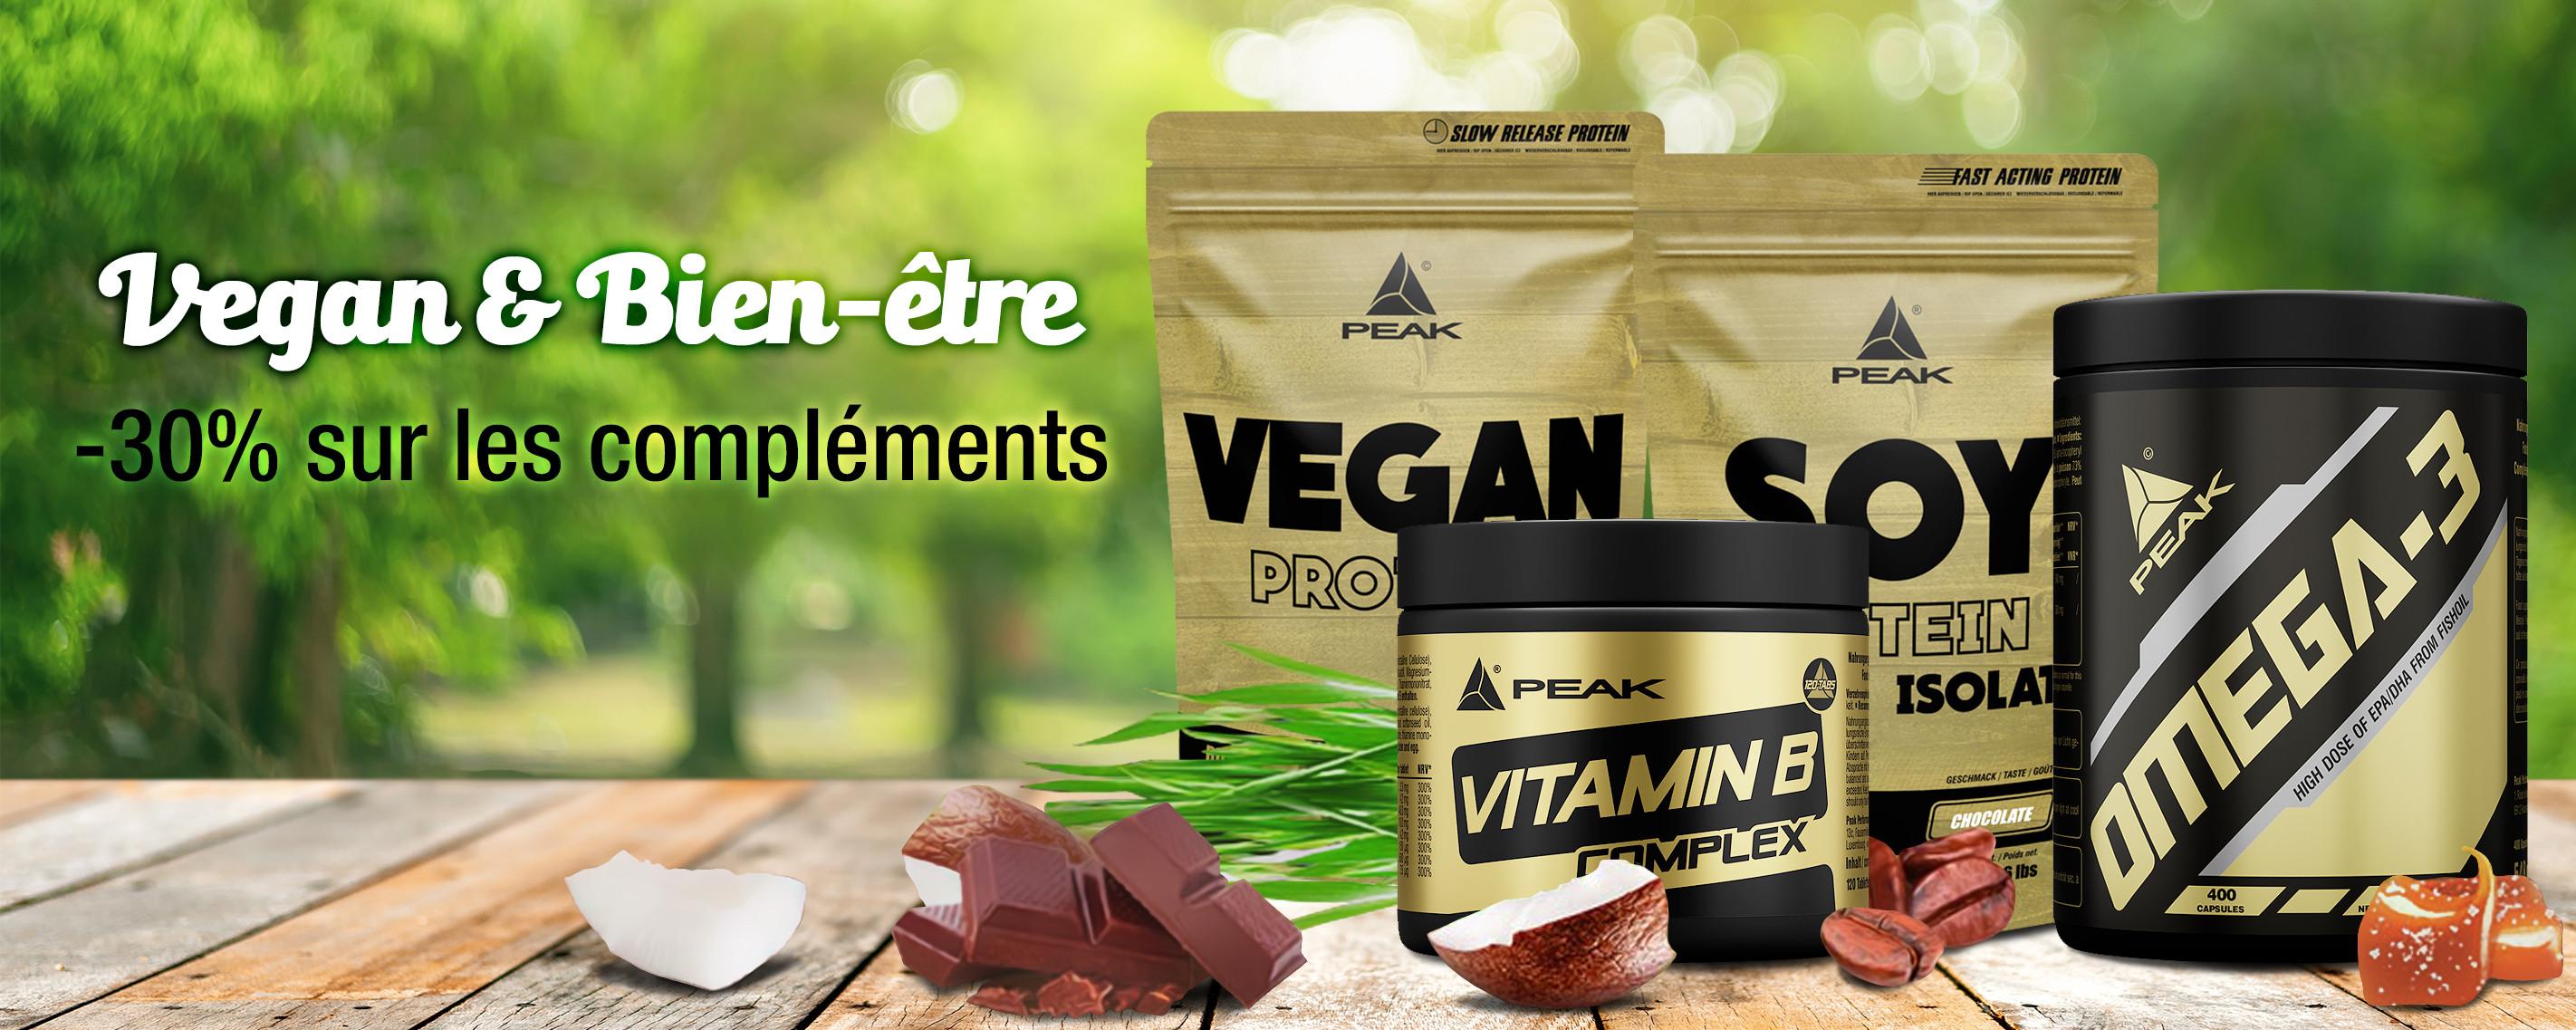 30% sur compléments Vegan et Bien-être